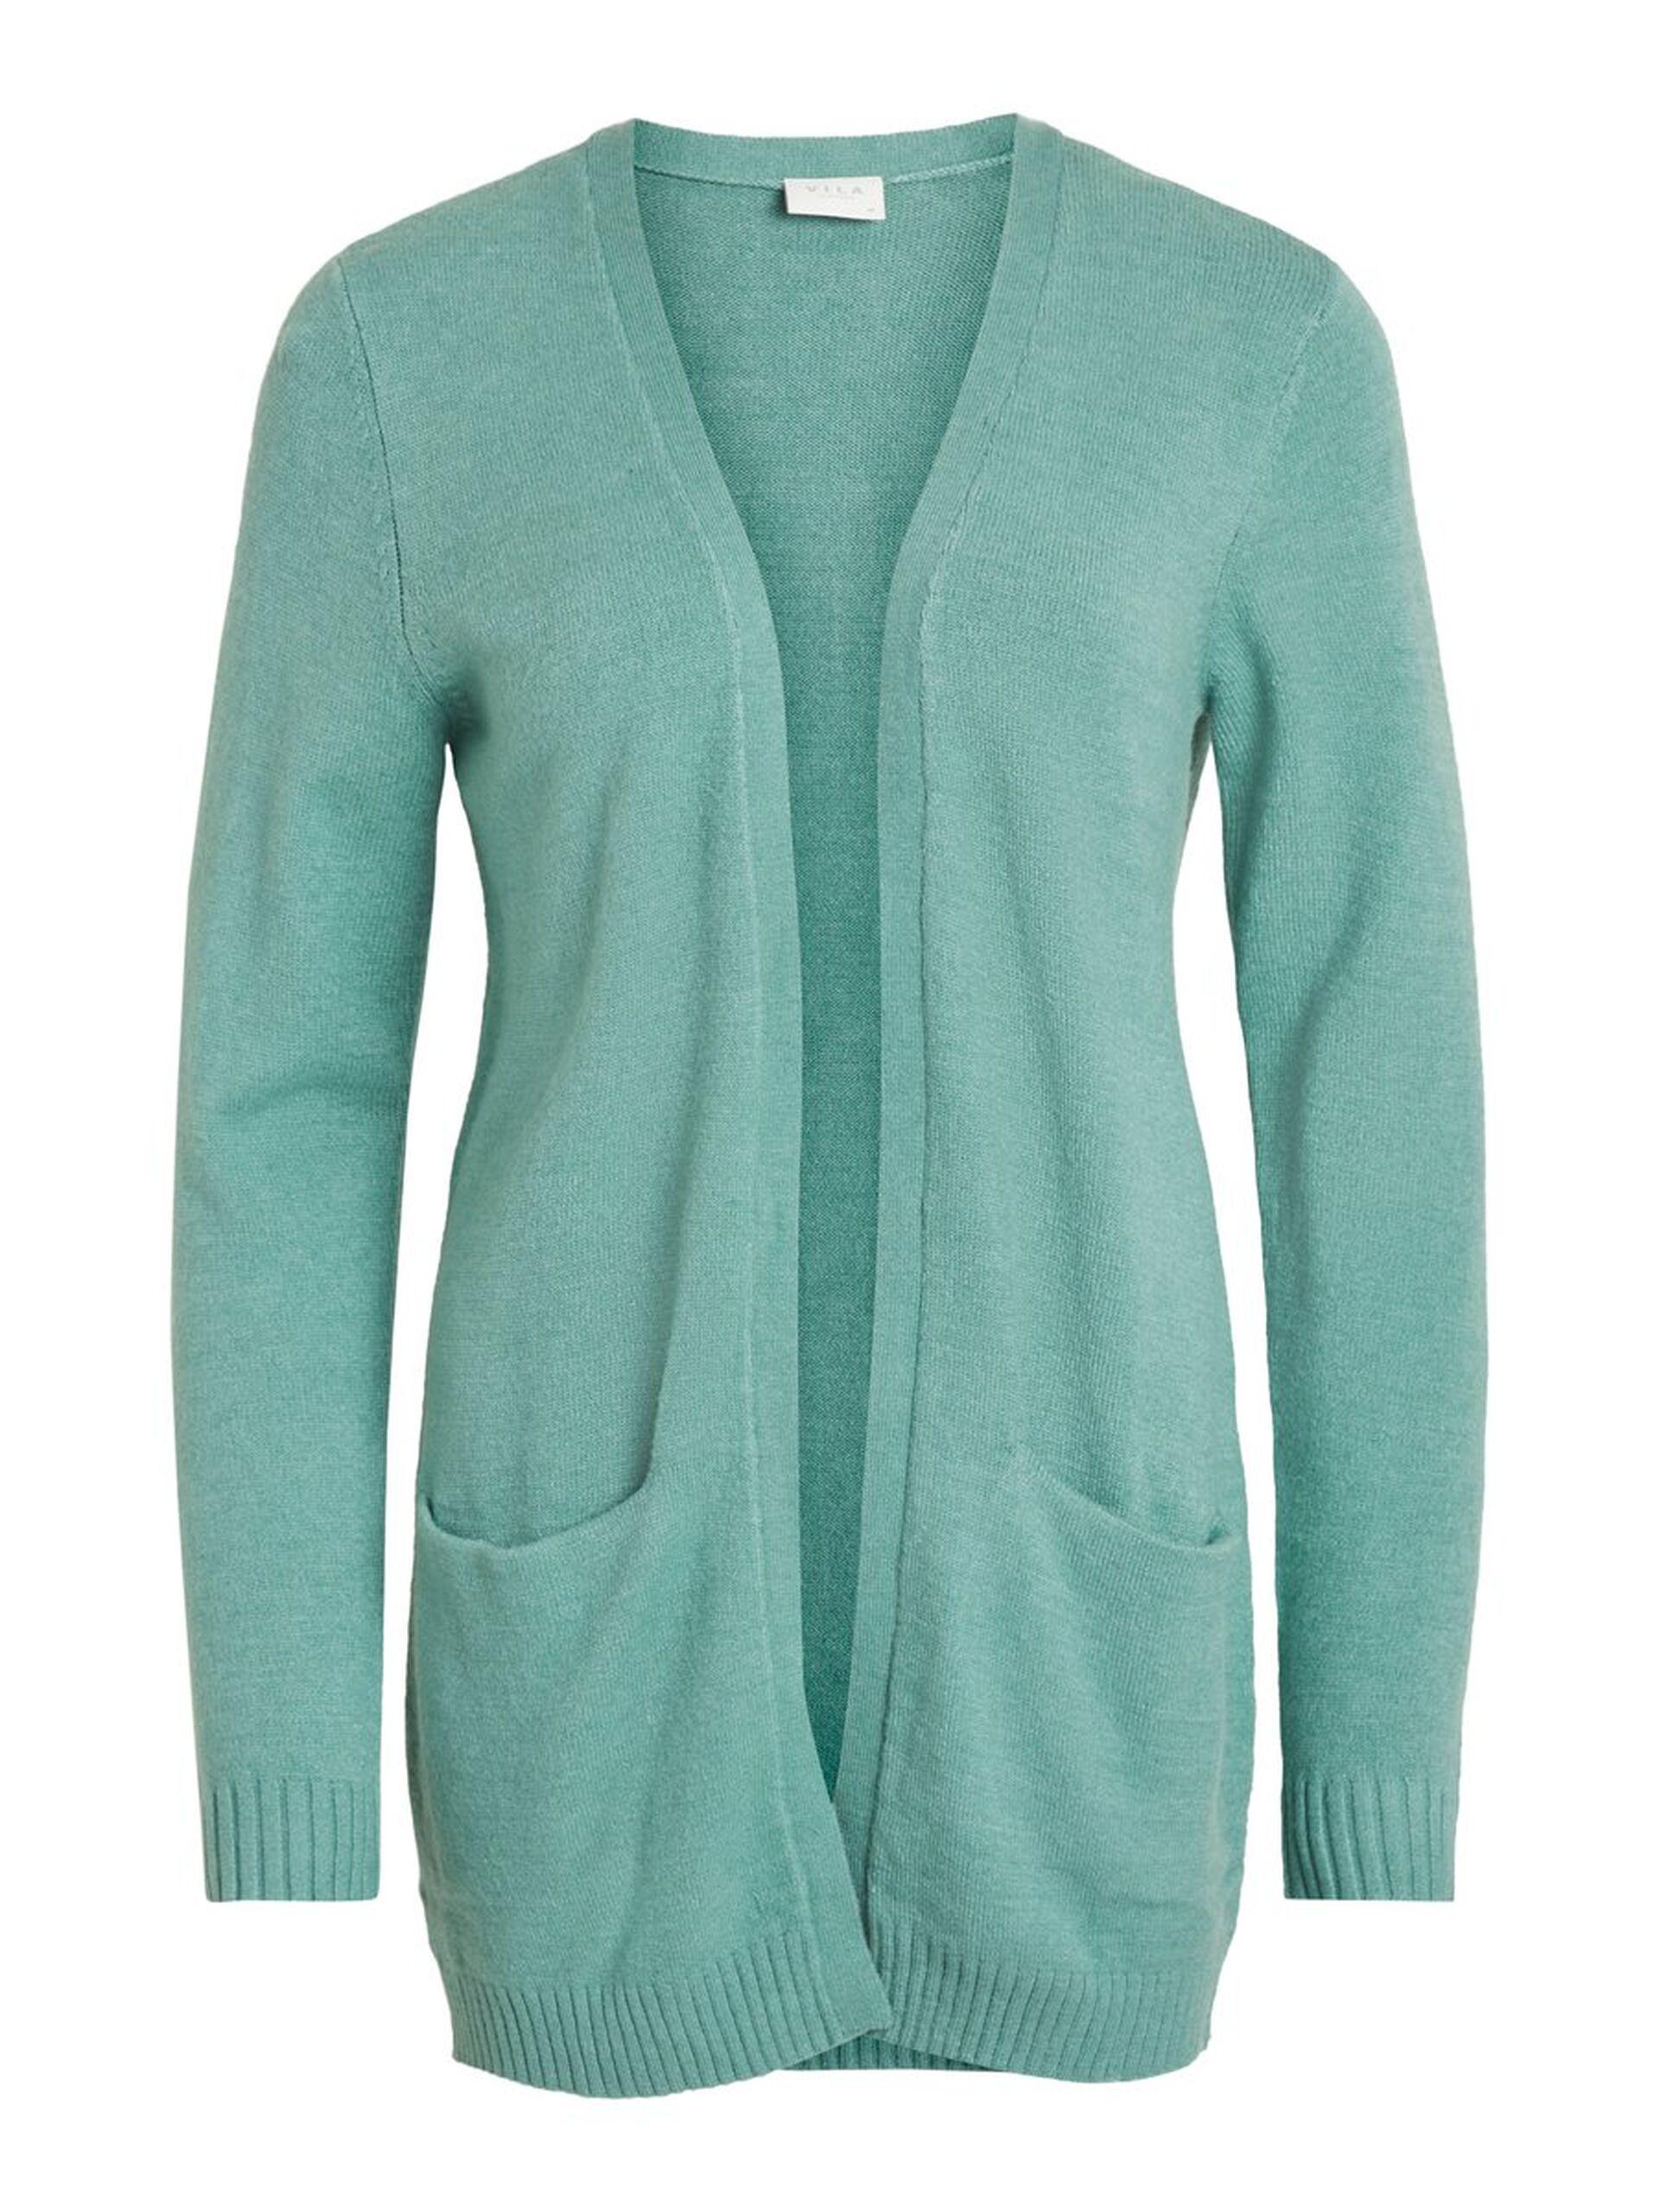 80832cd9 Vila grønn jakke, sjøgrønn strikkejakke fra Vila. Cardigan og jakke ...